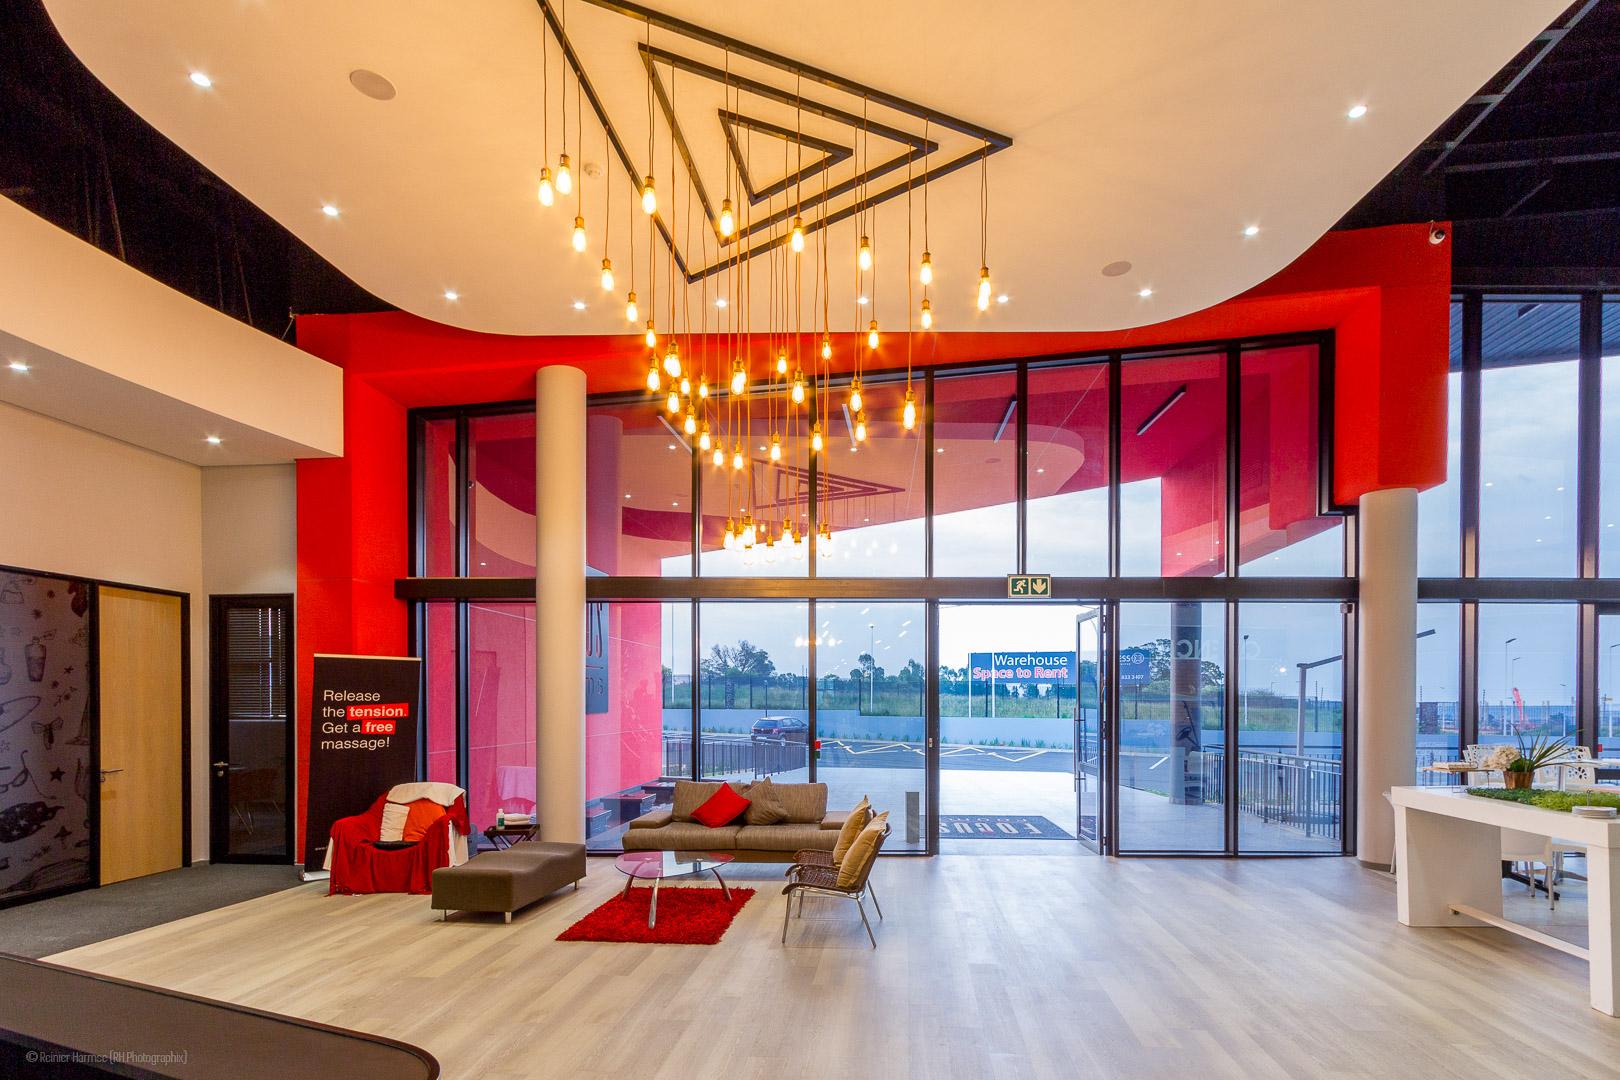 RHPX_Portfolio_Focus Rooms Interior-18